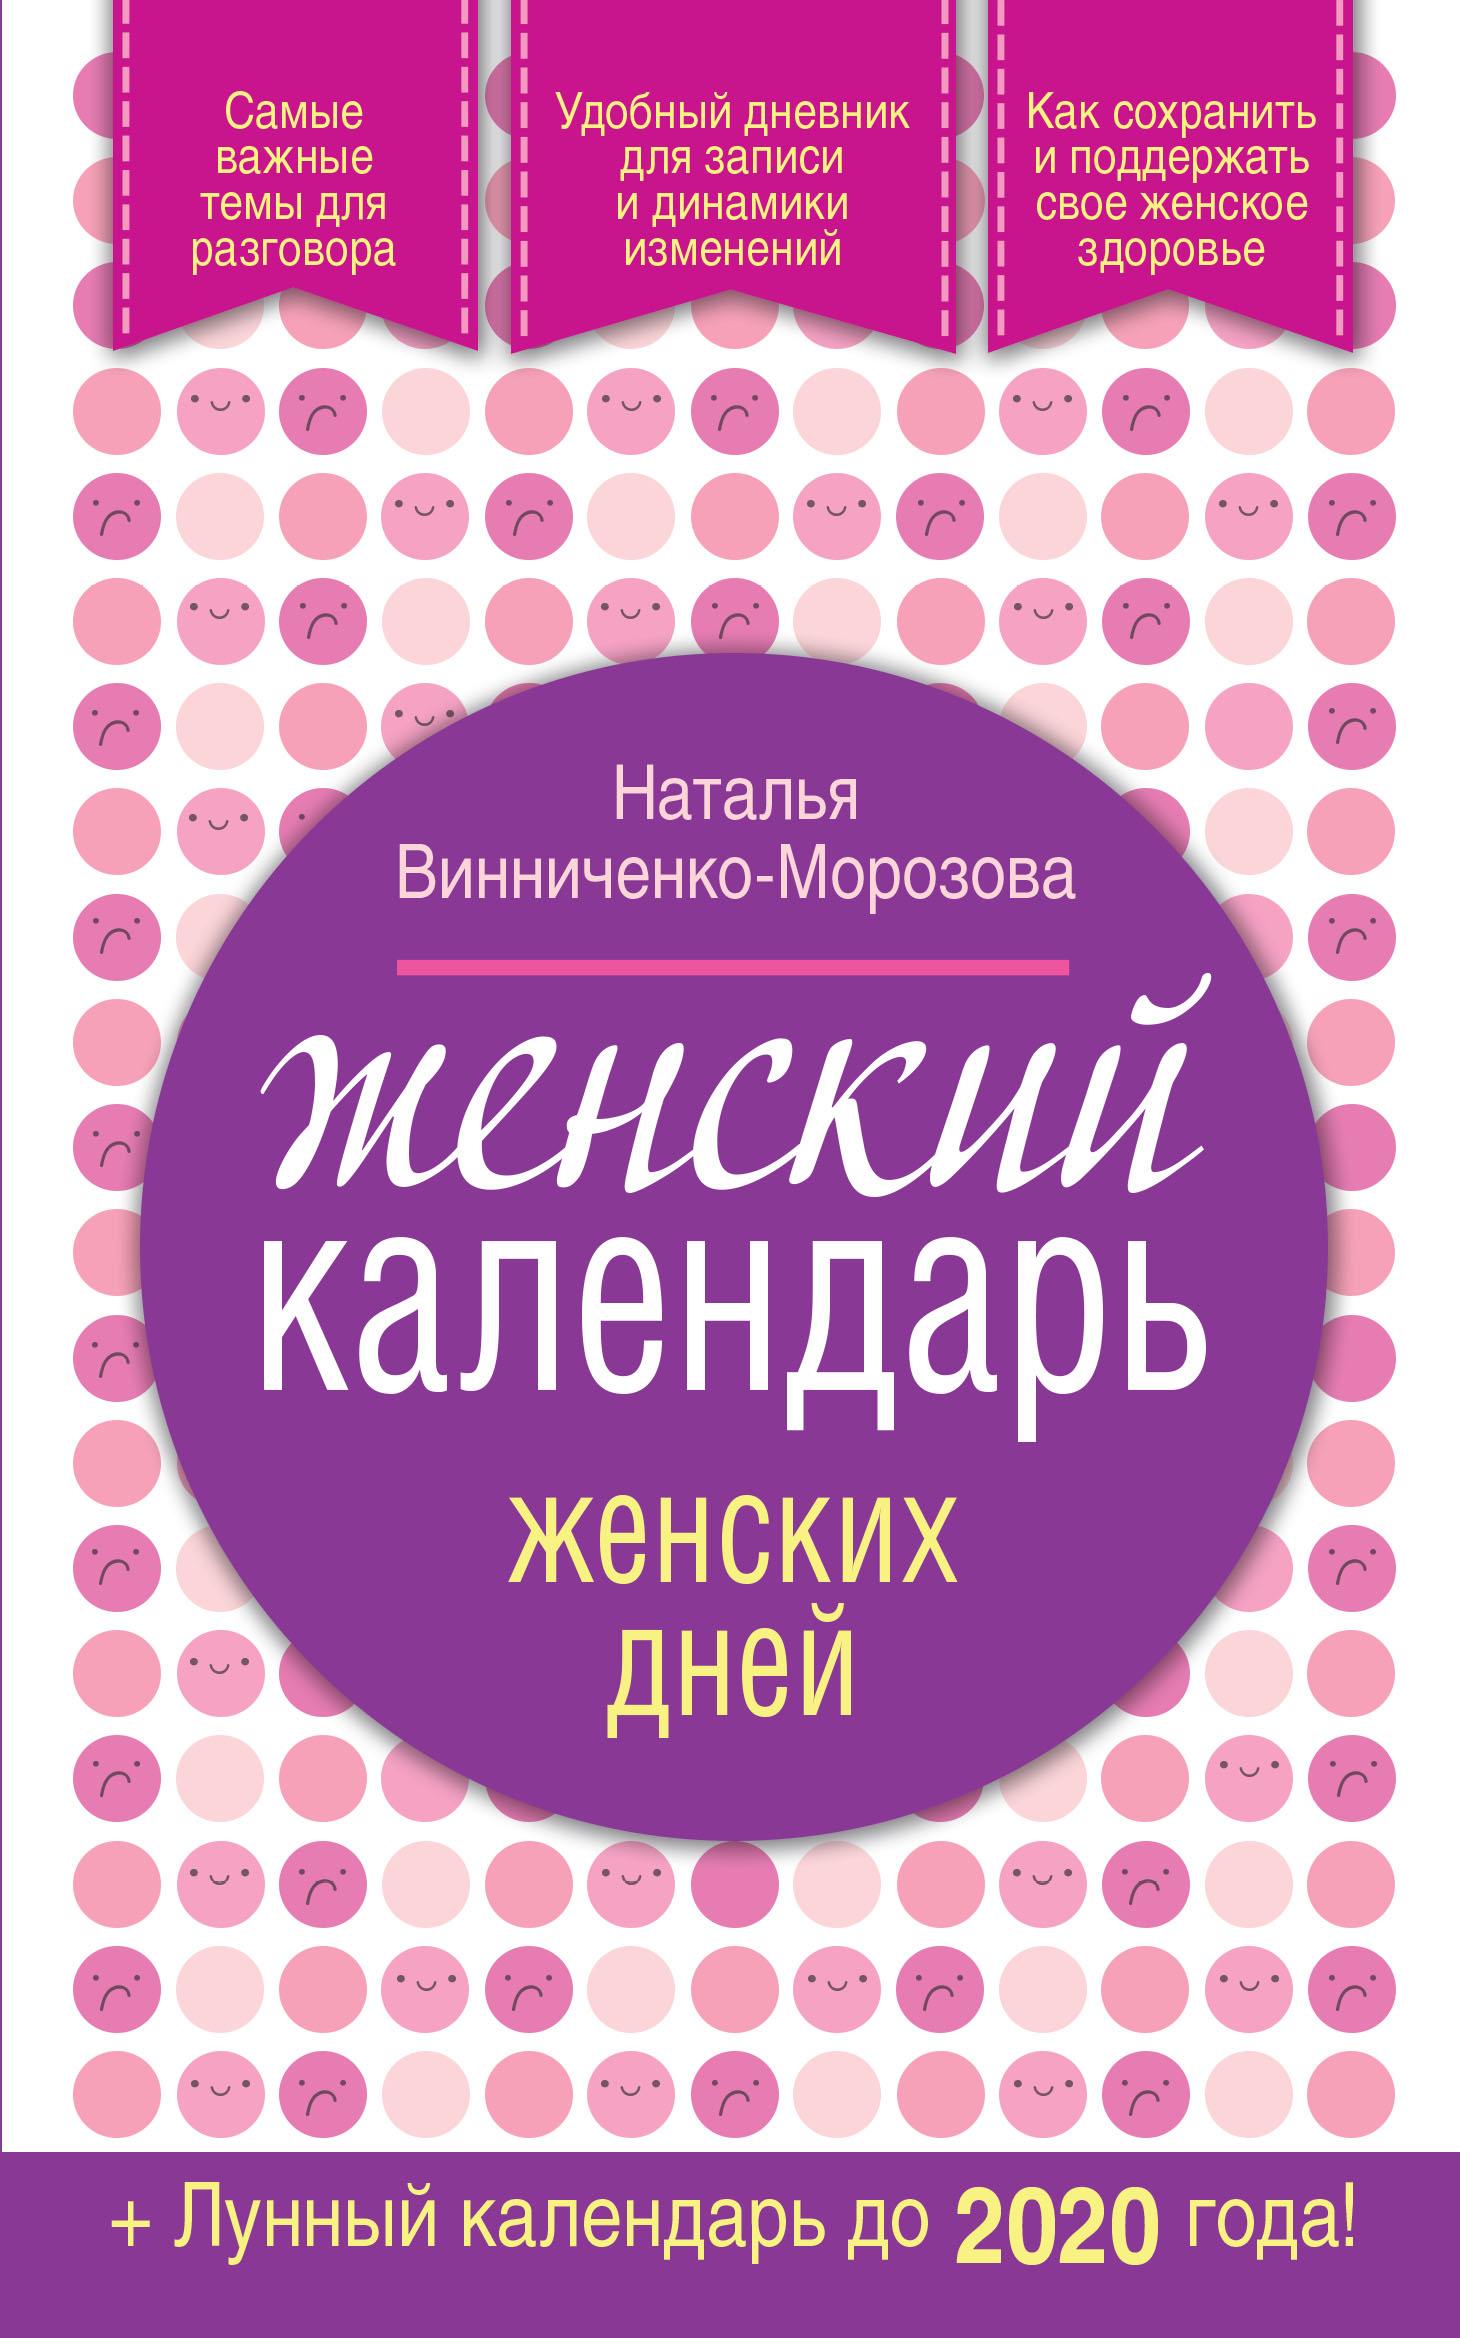 Женский календарь женских дней + лунный календарь до 2020 года! ( Винниченко-Морозова Н.Г.  )